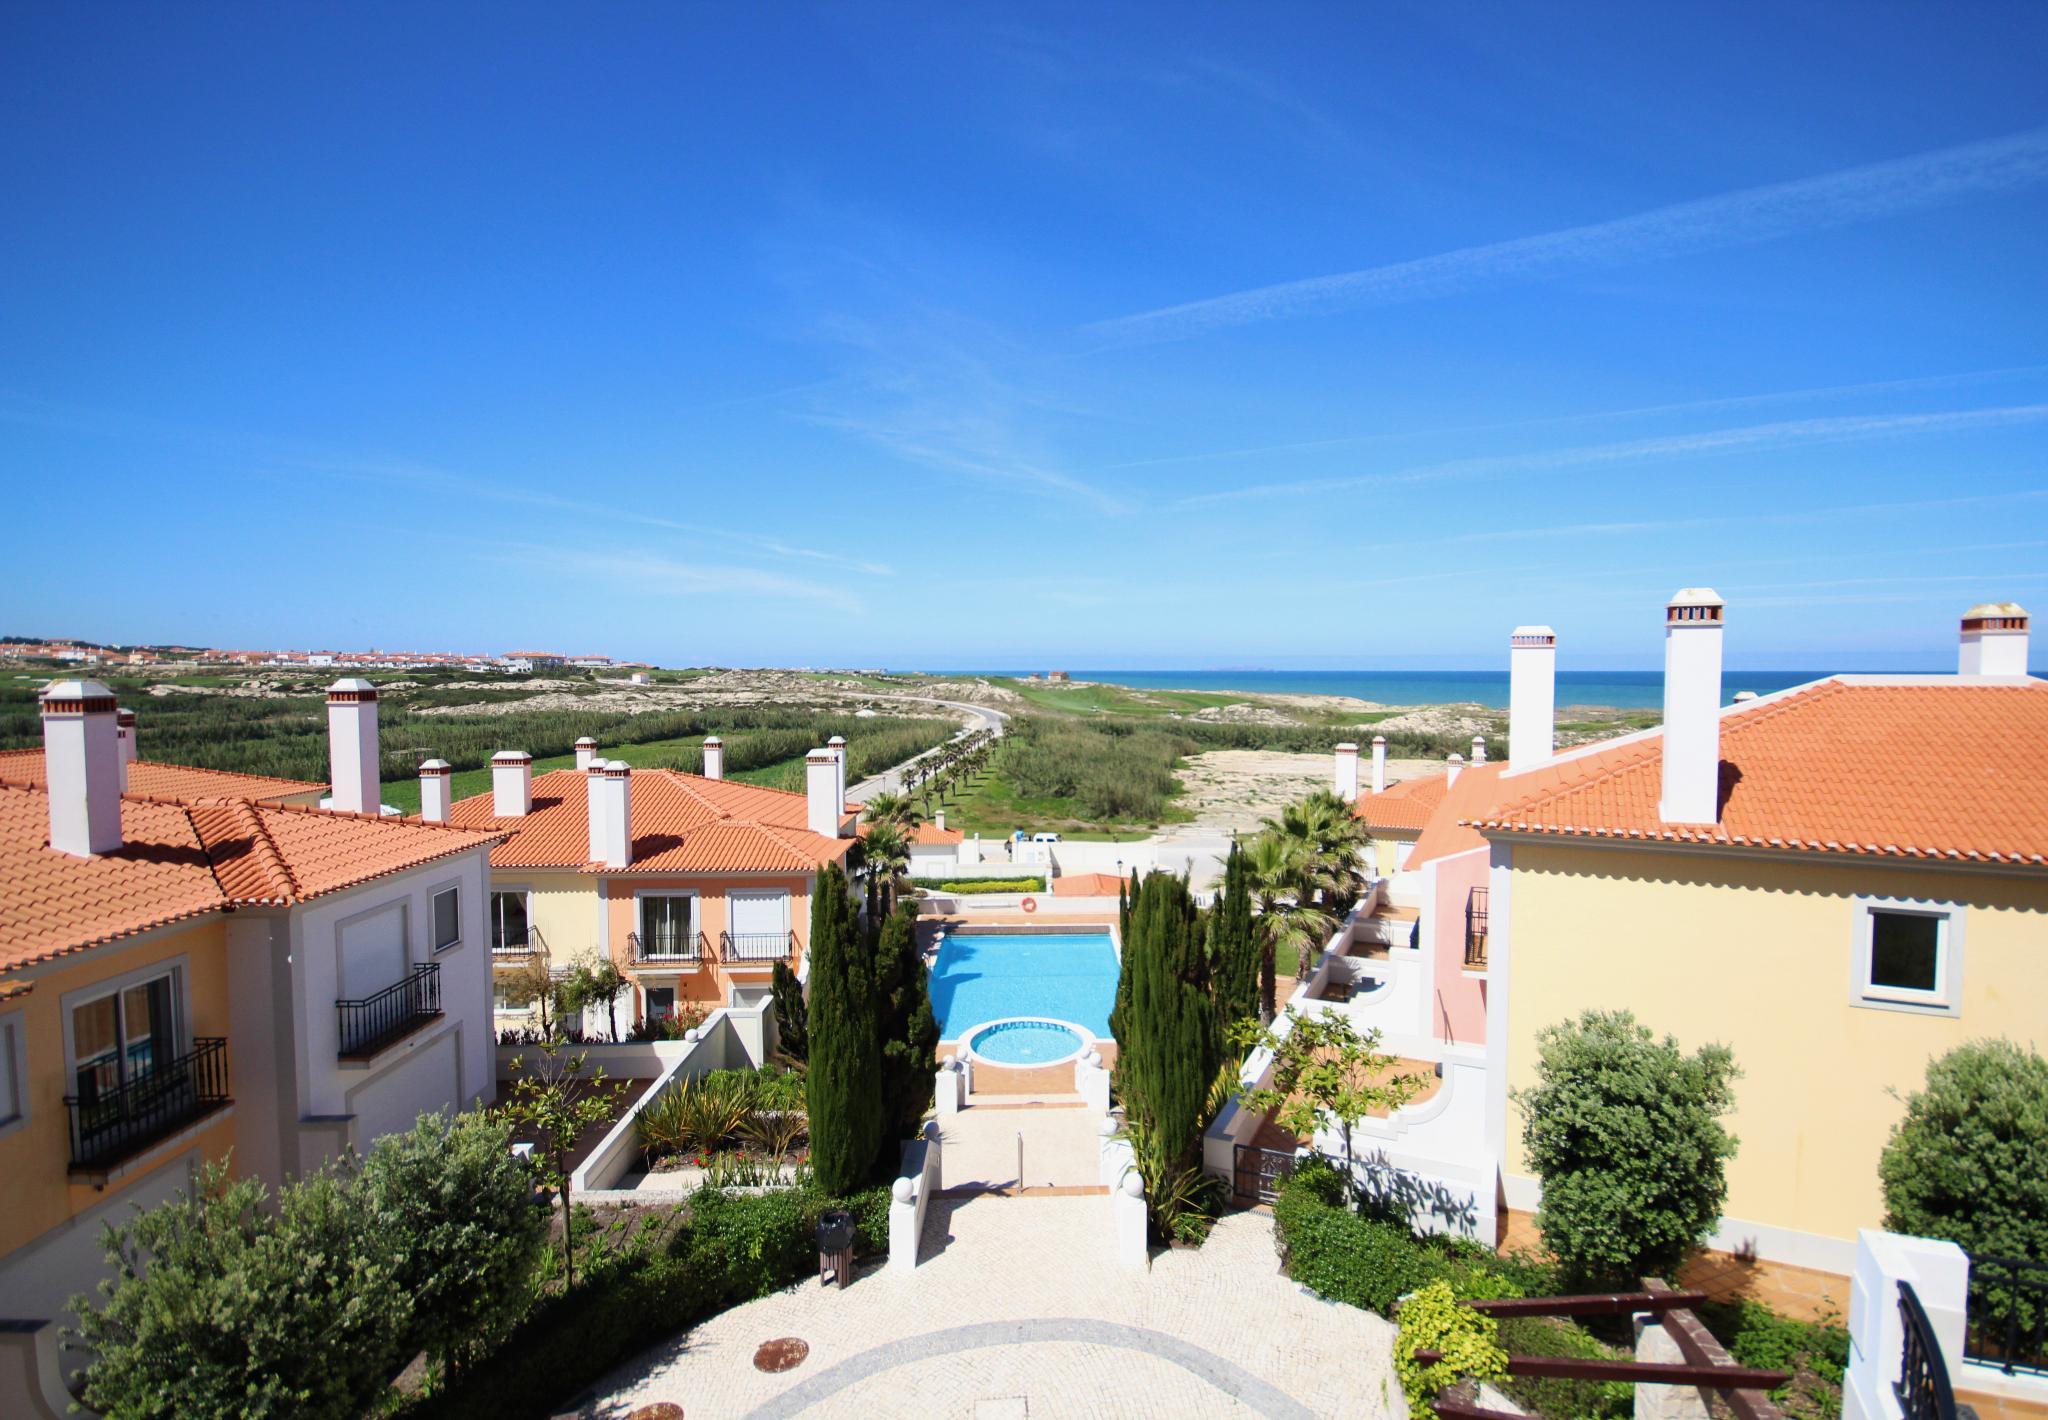 praia-del-rey-beach-golf-resort-the-village 3235